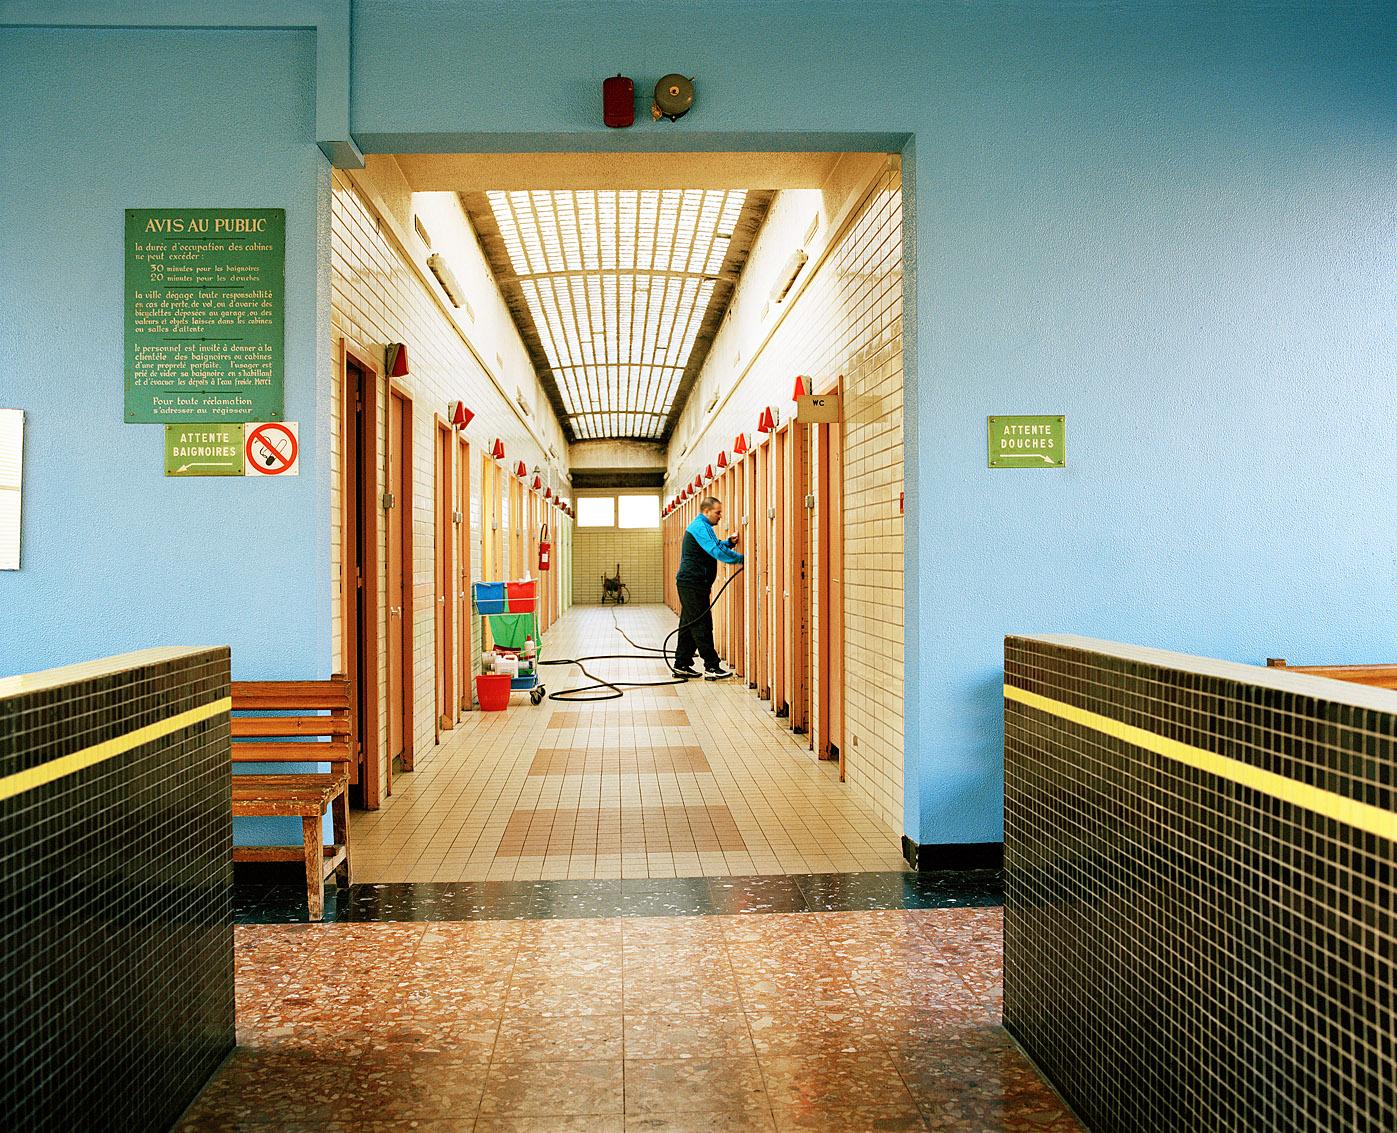 Les cabines sont nettoyées après chaque usager. Bains-douches municipaux Fives, Lille.